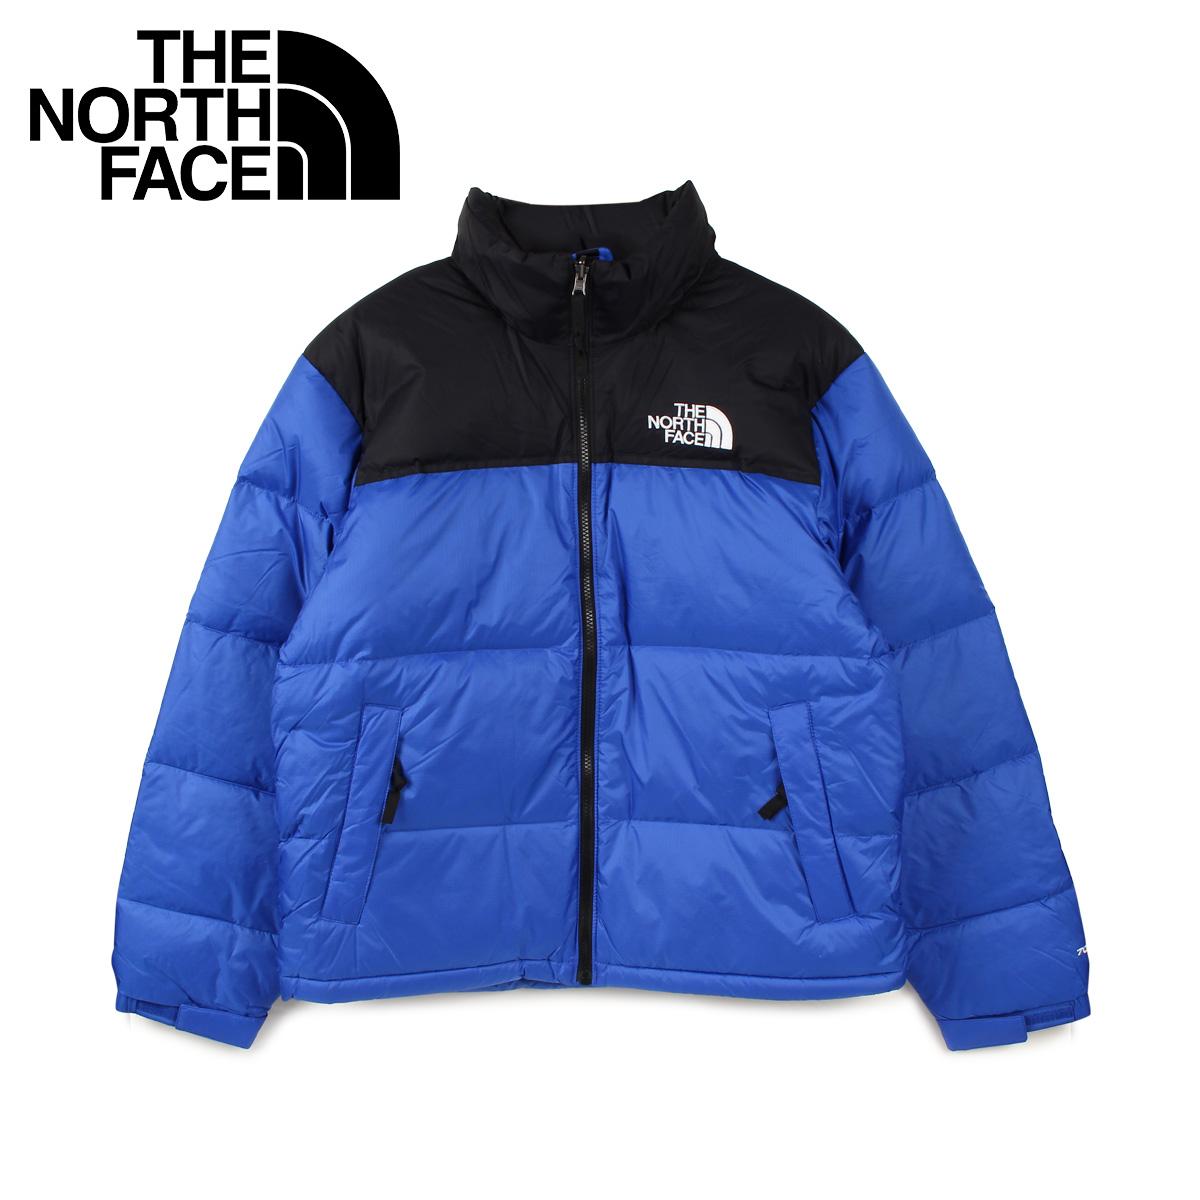 THE NORTH FACE ノースフェイス ジャケット ダウンジャケット レトロ ヌプシ メンズ 1996 RETRO NUPTSE JACKET ブルー NF0A3C8D